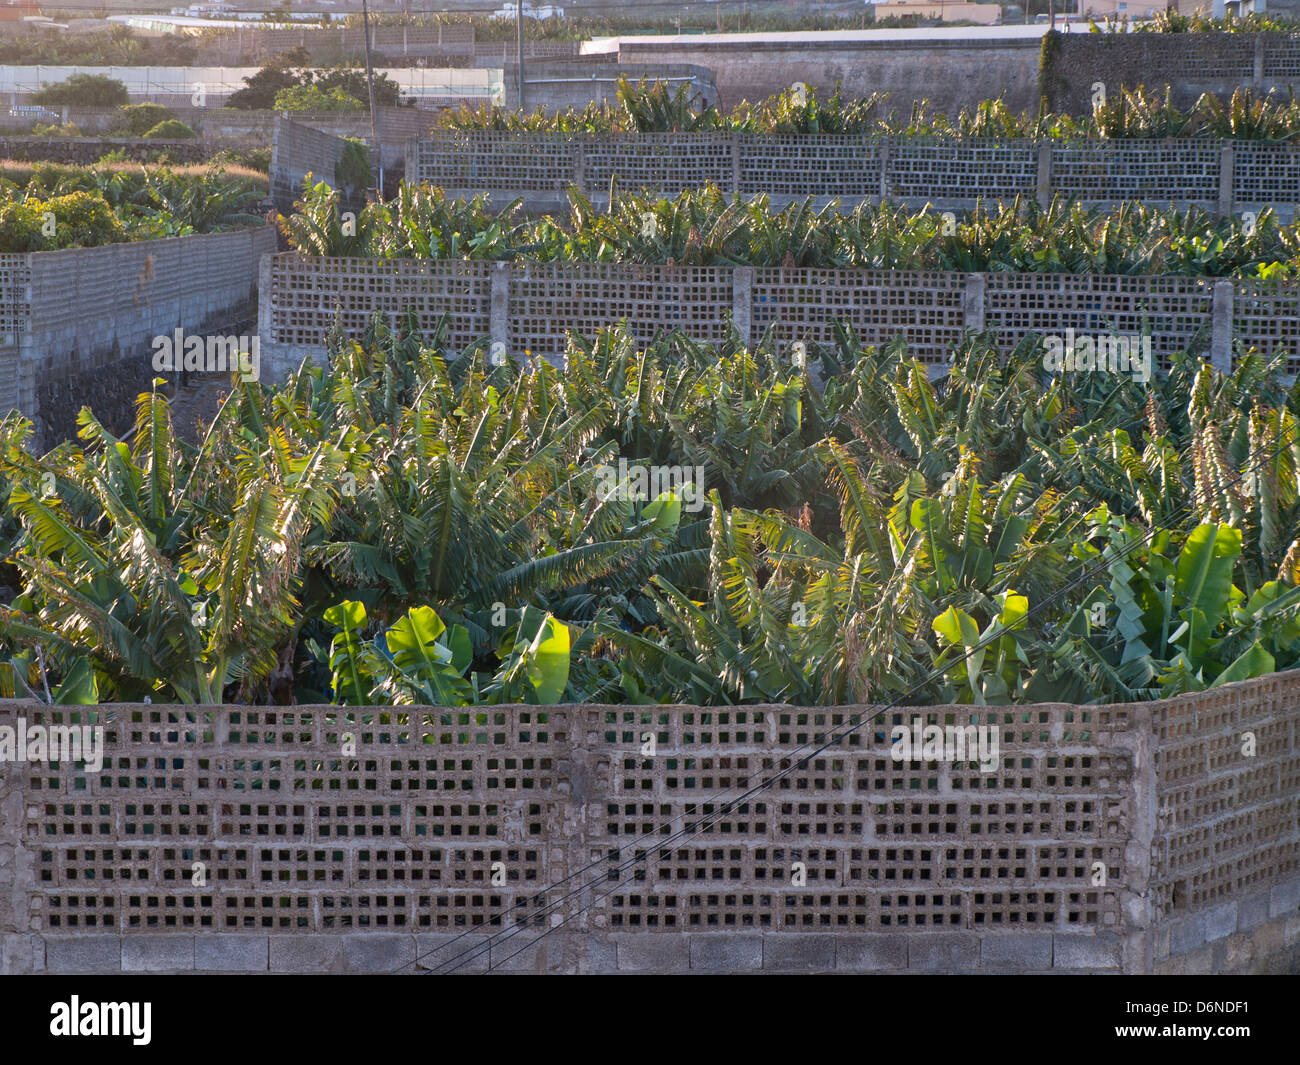 Bananenplantage in Teneriffa-Kanarische Inseln-Spanien, eingezäunt von Betonsteinen Stockfoto